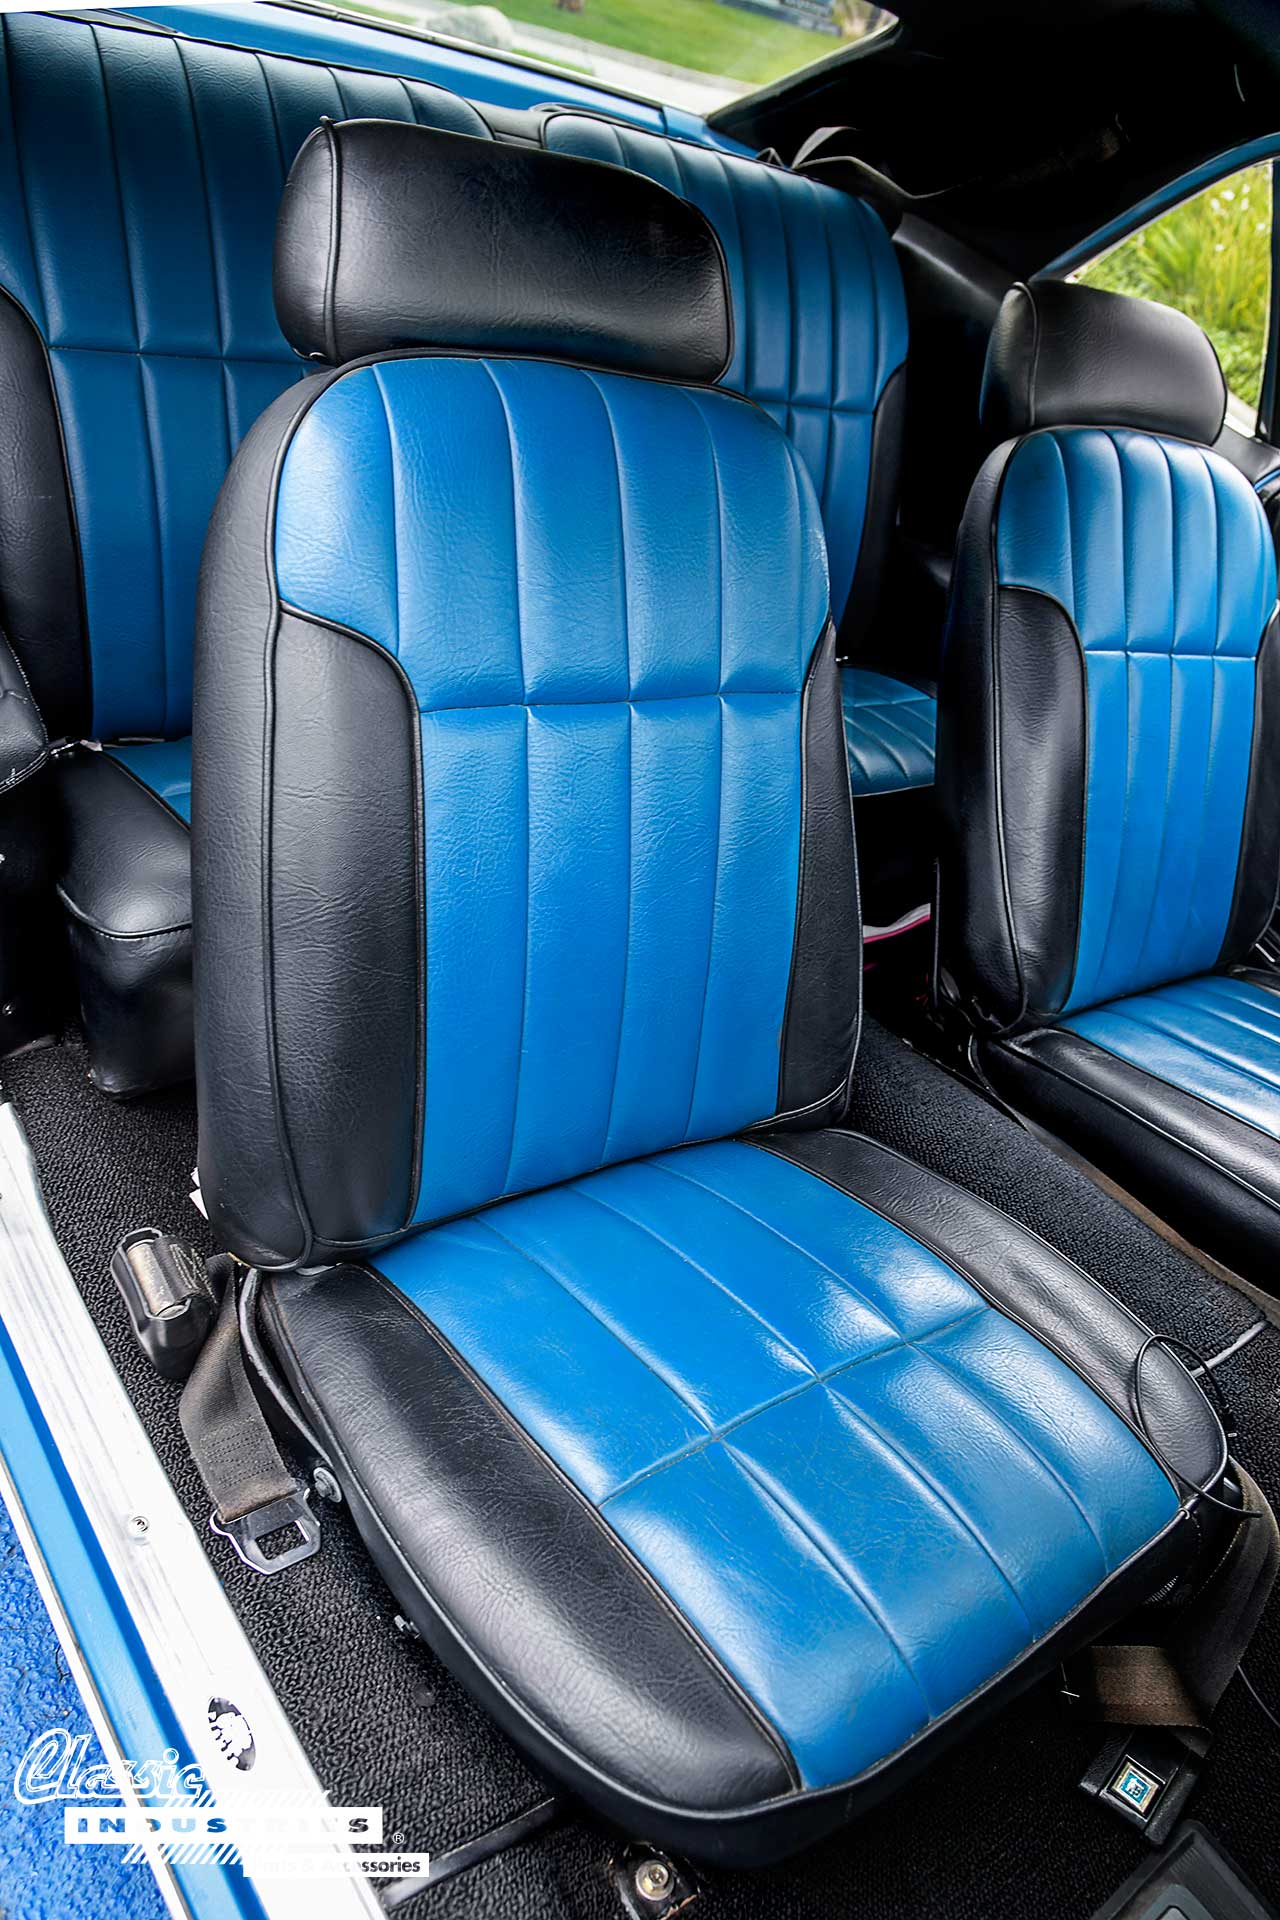 69-Firebird-Blue_Passenger-Seat